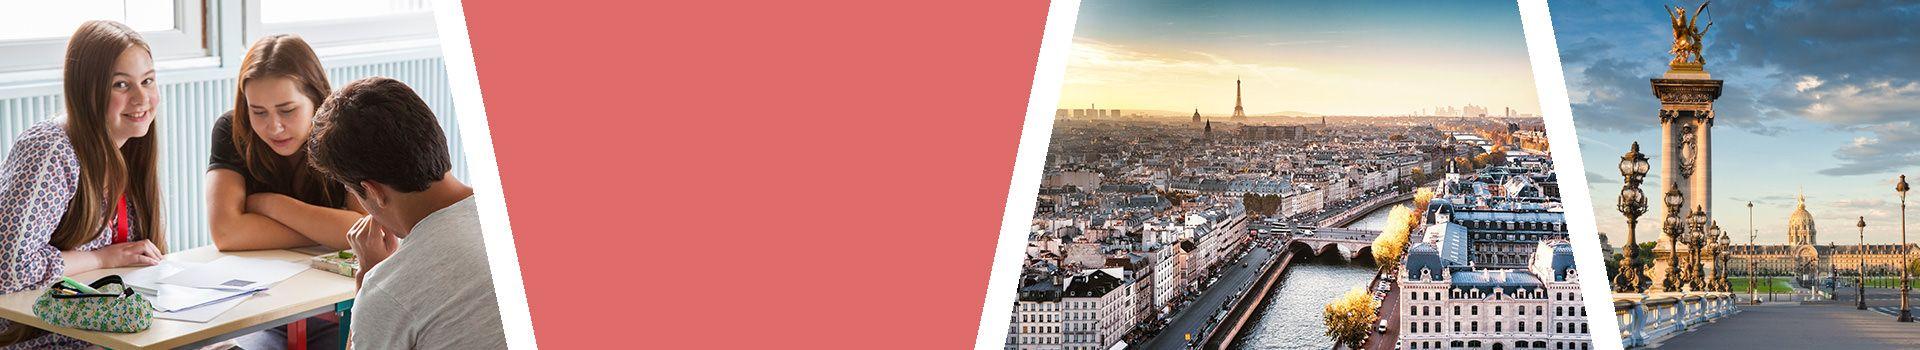 Sprachreise für Schüler nach Paris in Frankreich Slider